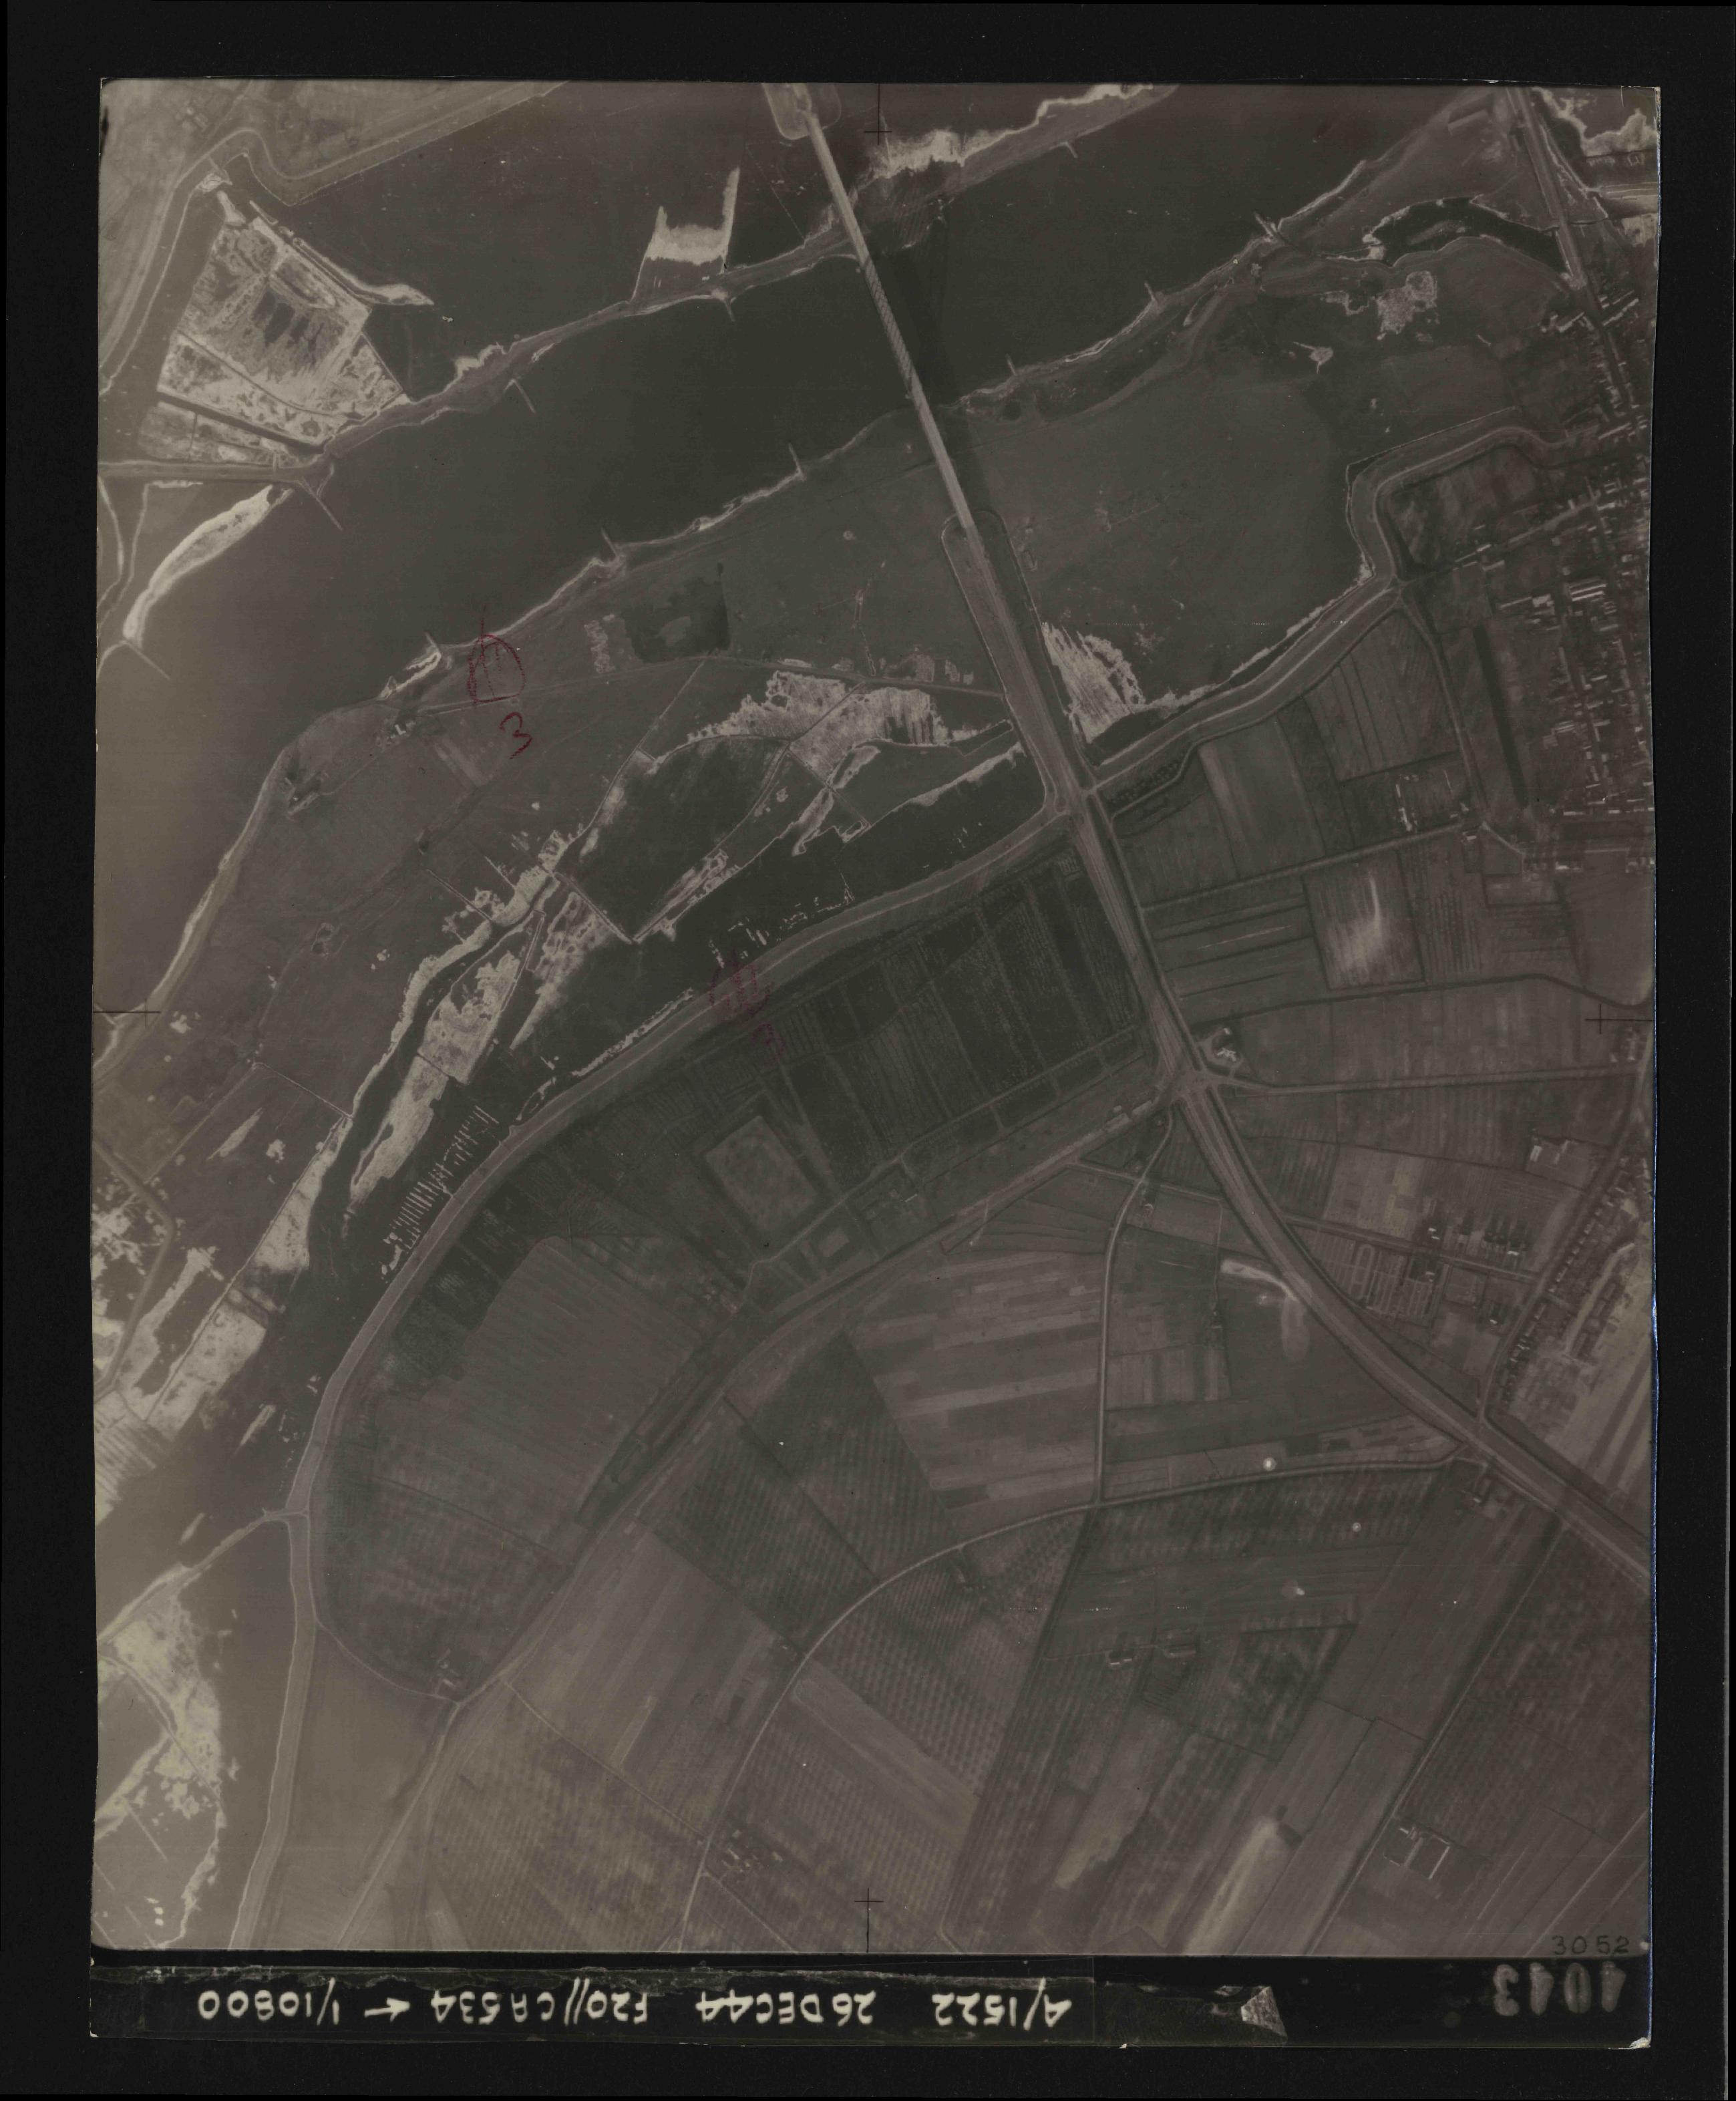 Collection RAF aerial photos 1940-1945 - flight 181, run 07, photo 4043